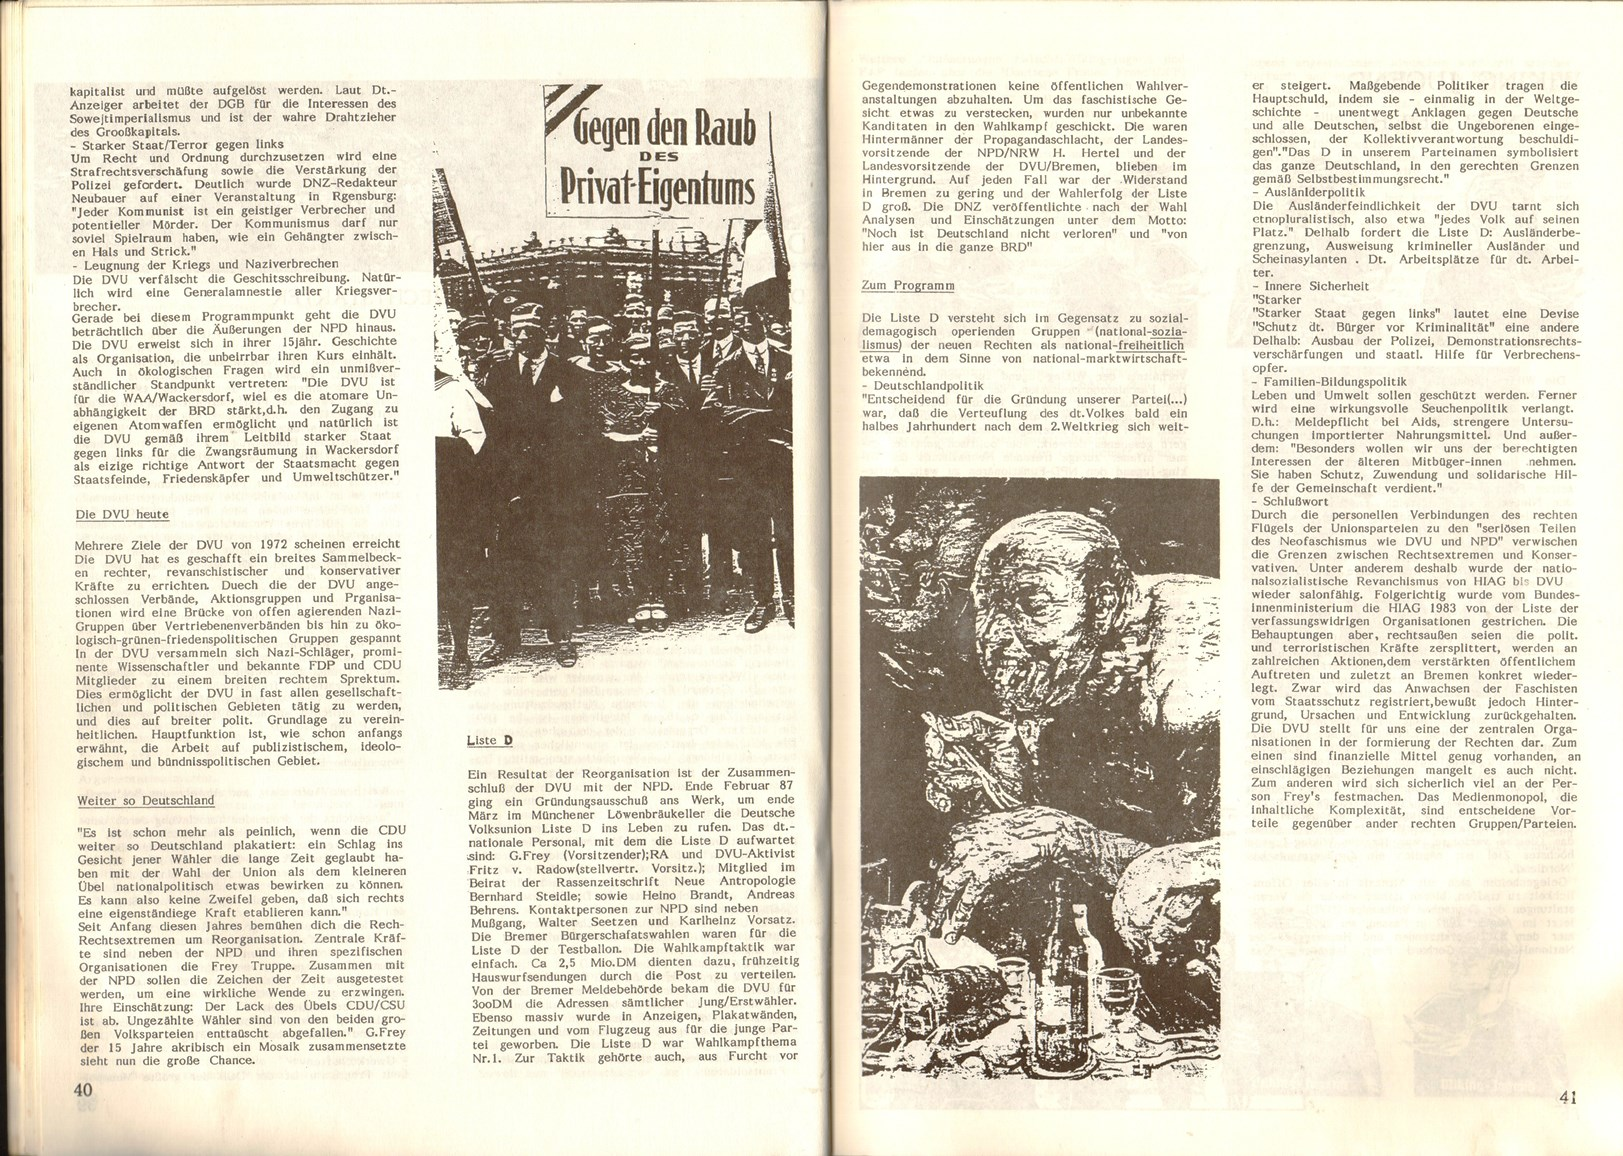 Gelsenkirchen_Zukunft_Vergangenheit_1988_21